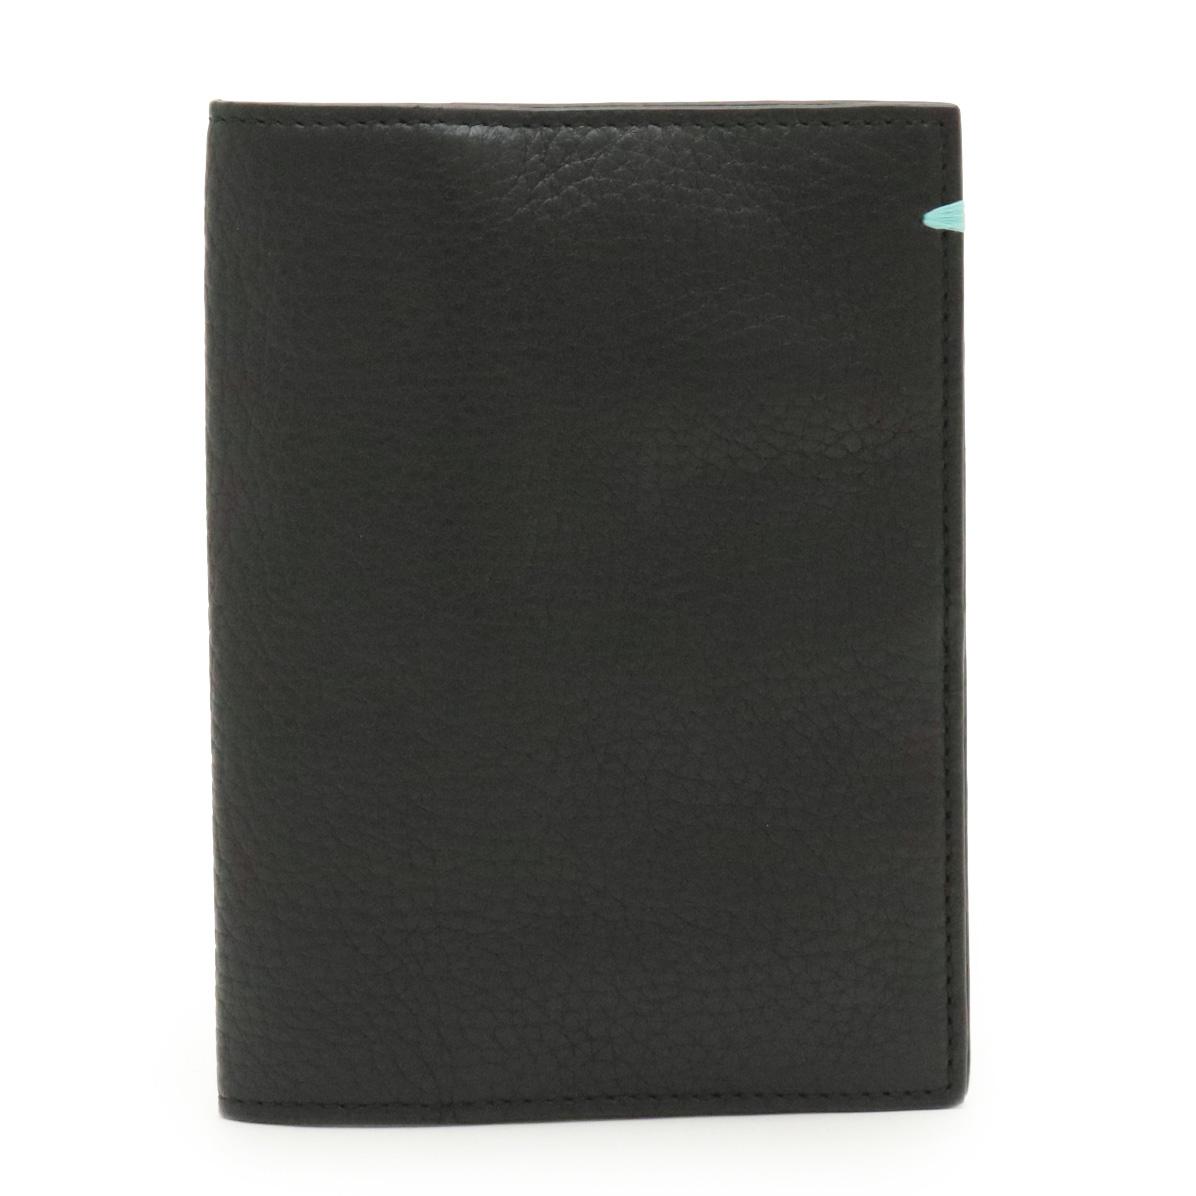 TIFFANY&Co. ティファニー パスポートケース パスポートカバー レザー ブラック 黒 【中古】